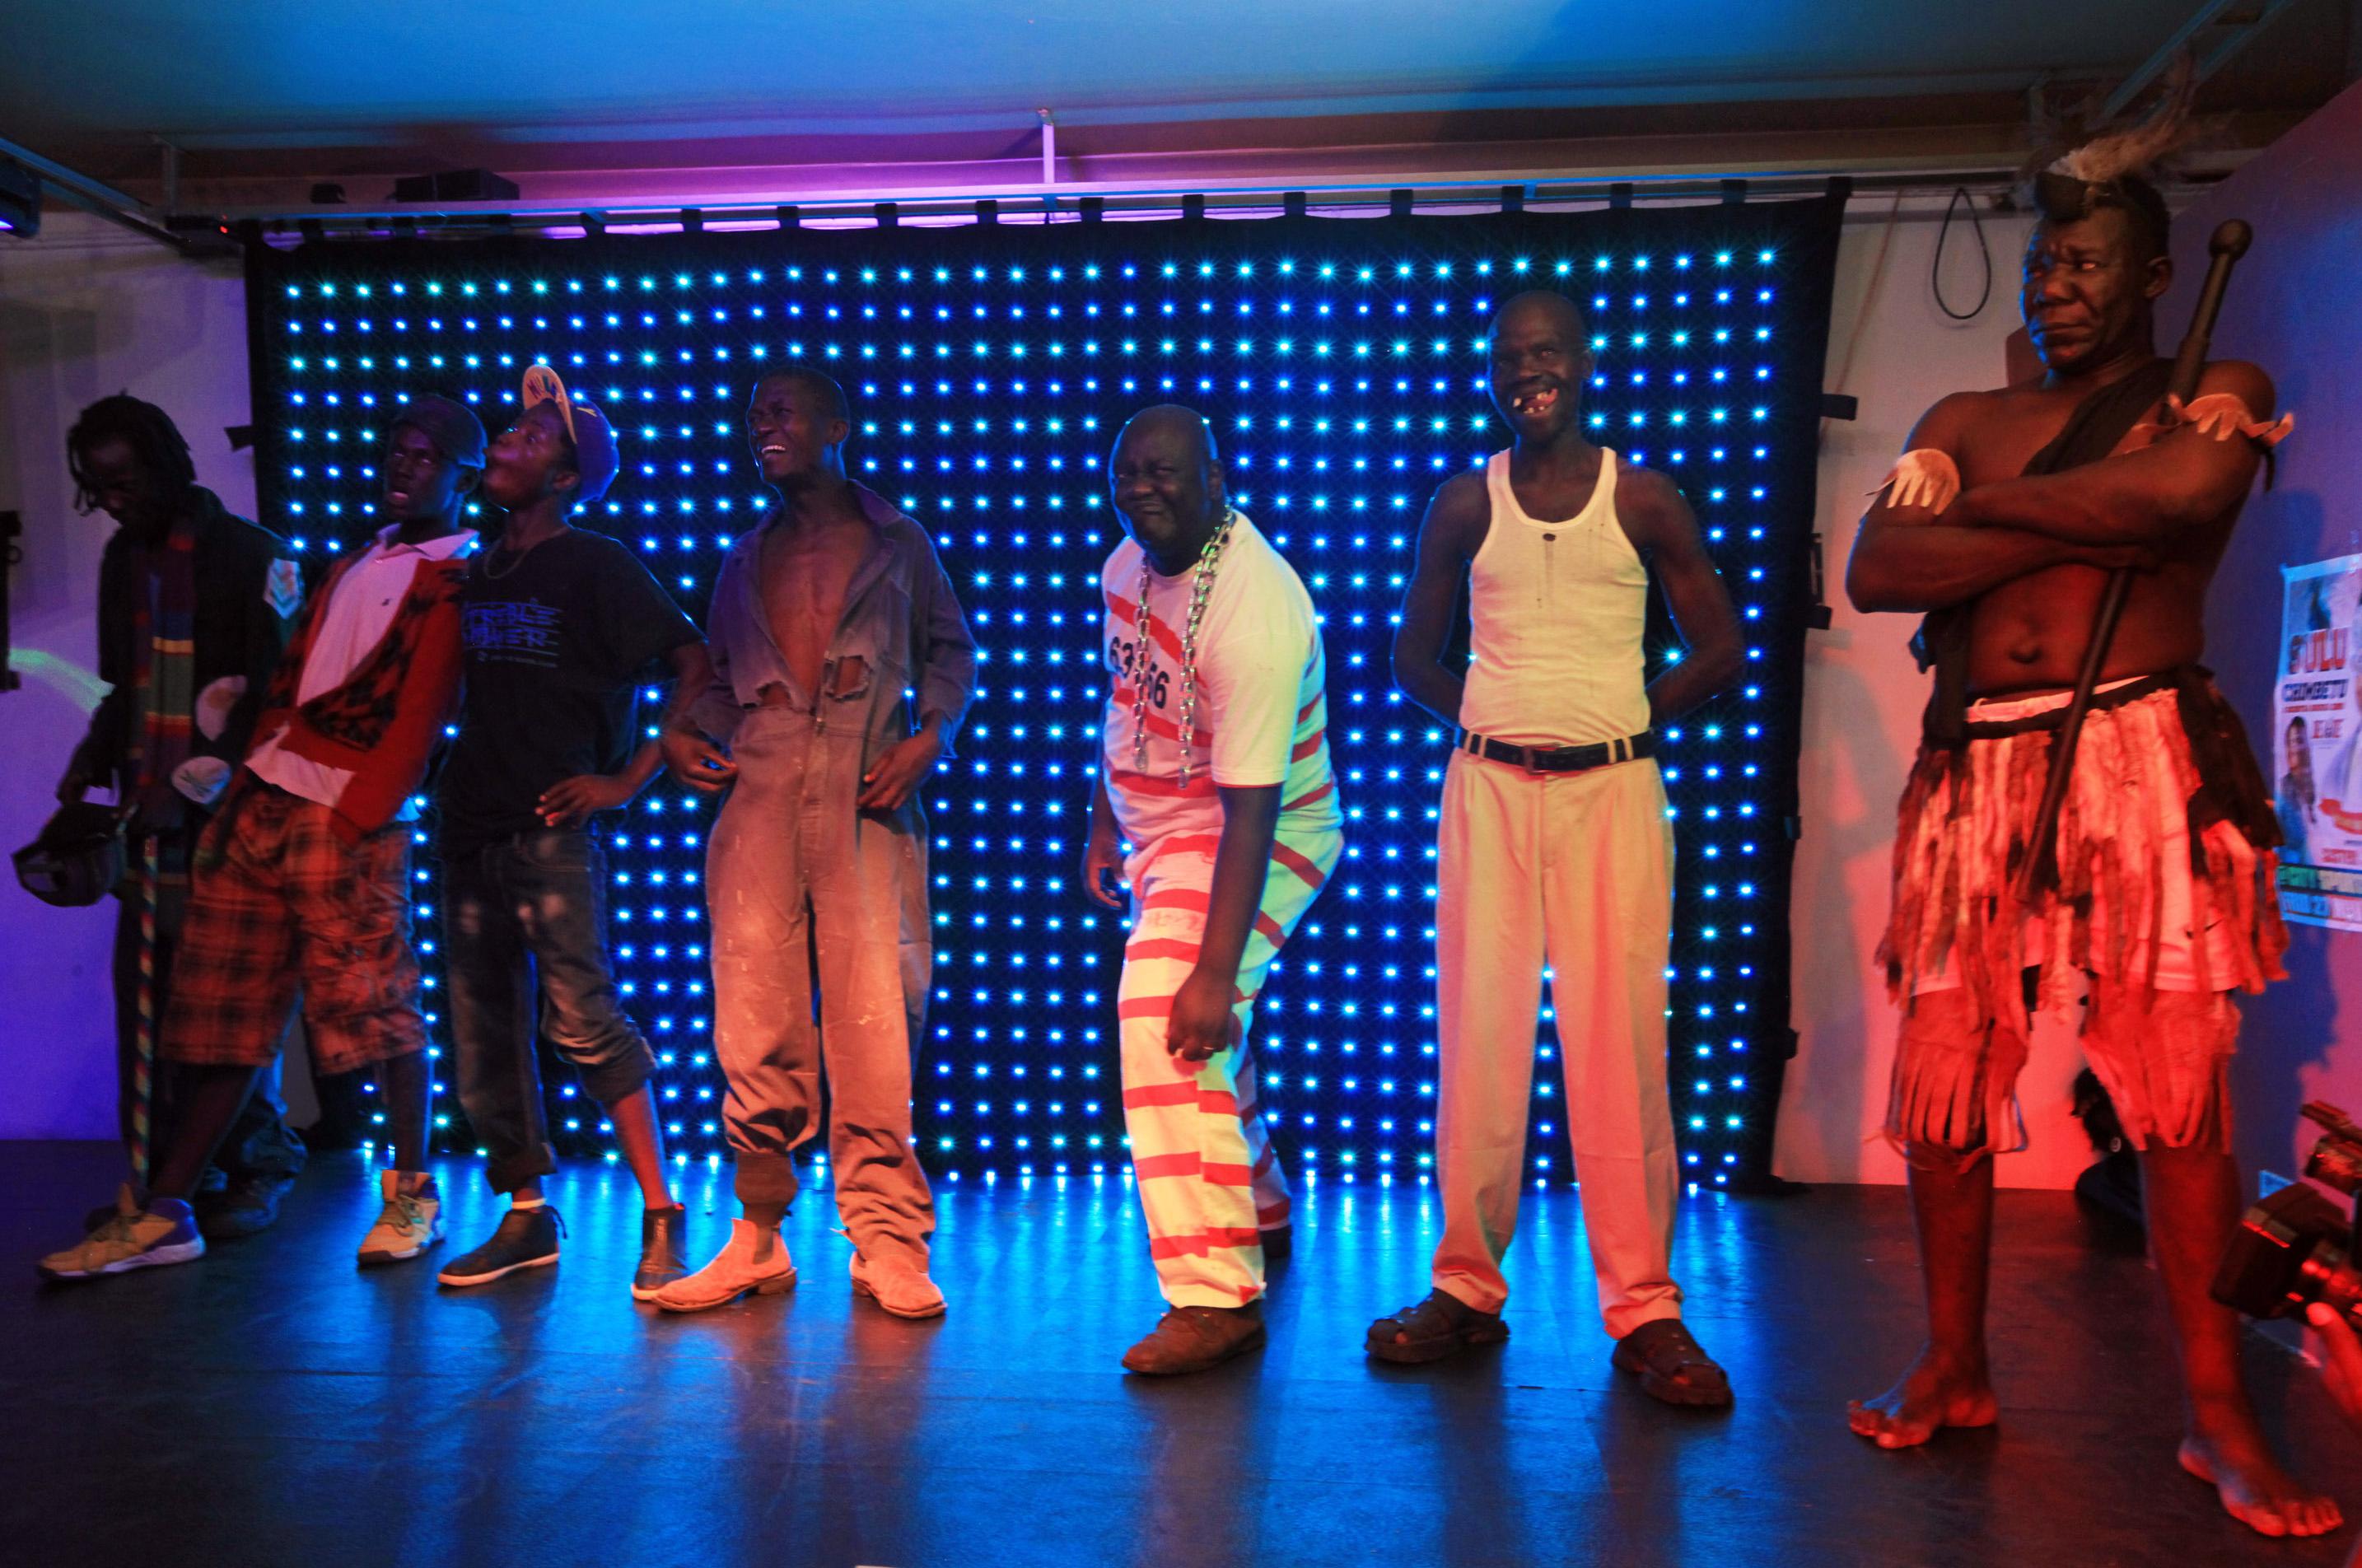 非洲國家辛巴威舉辦一個特別的「醜男大賽」 比賽希望都是用天生的長相參賽,不需刻意扮醜